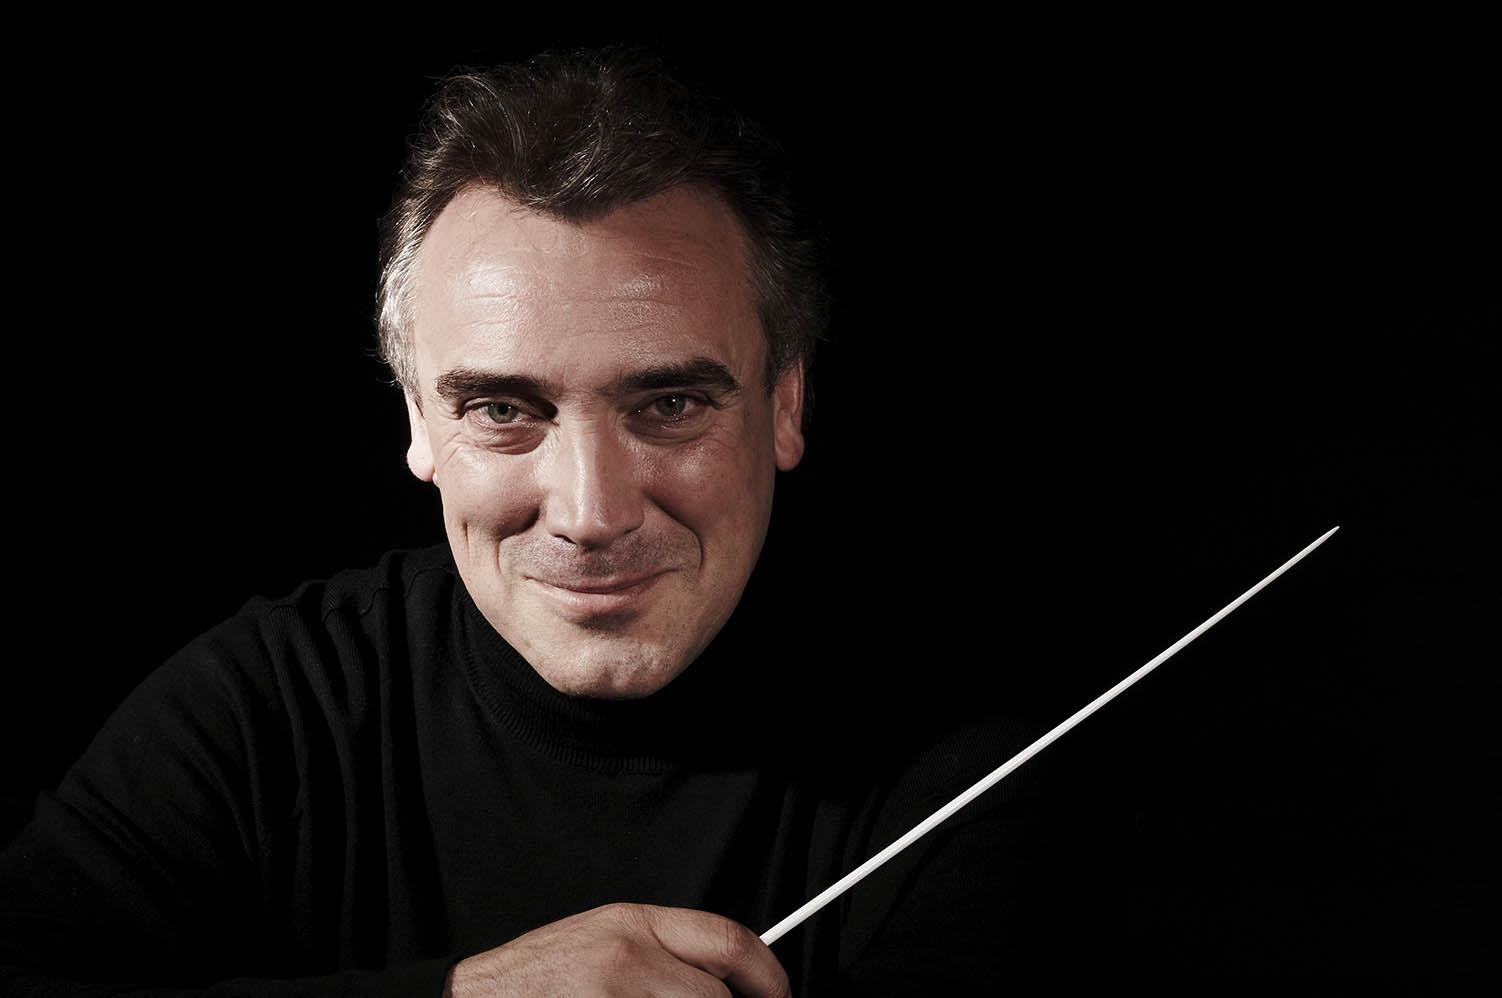 Spansk-svensk dirigentförlängning